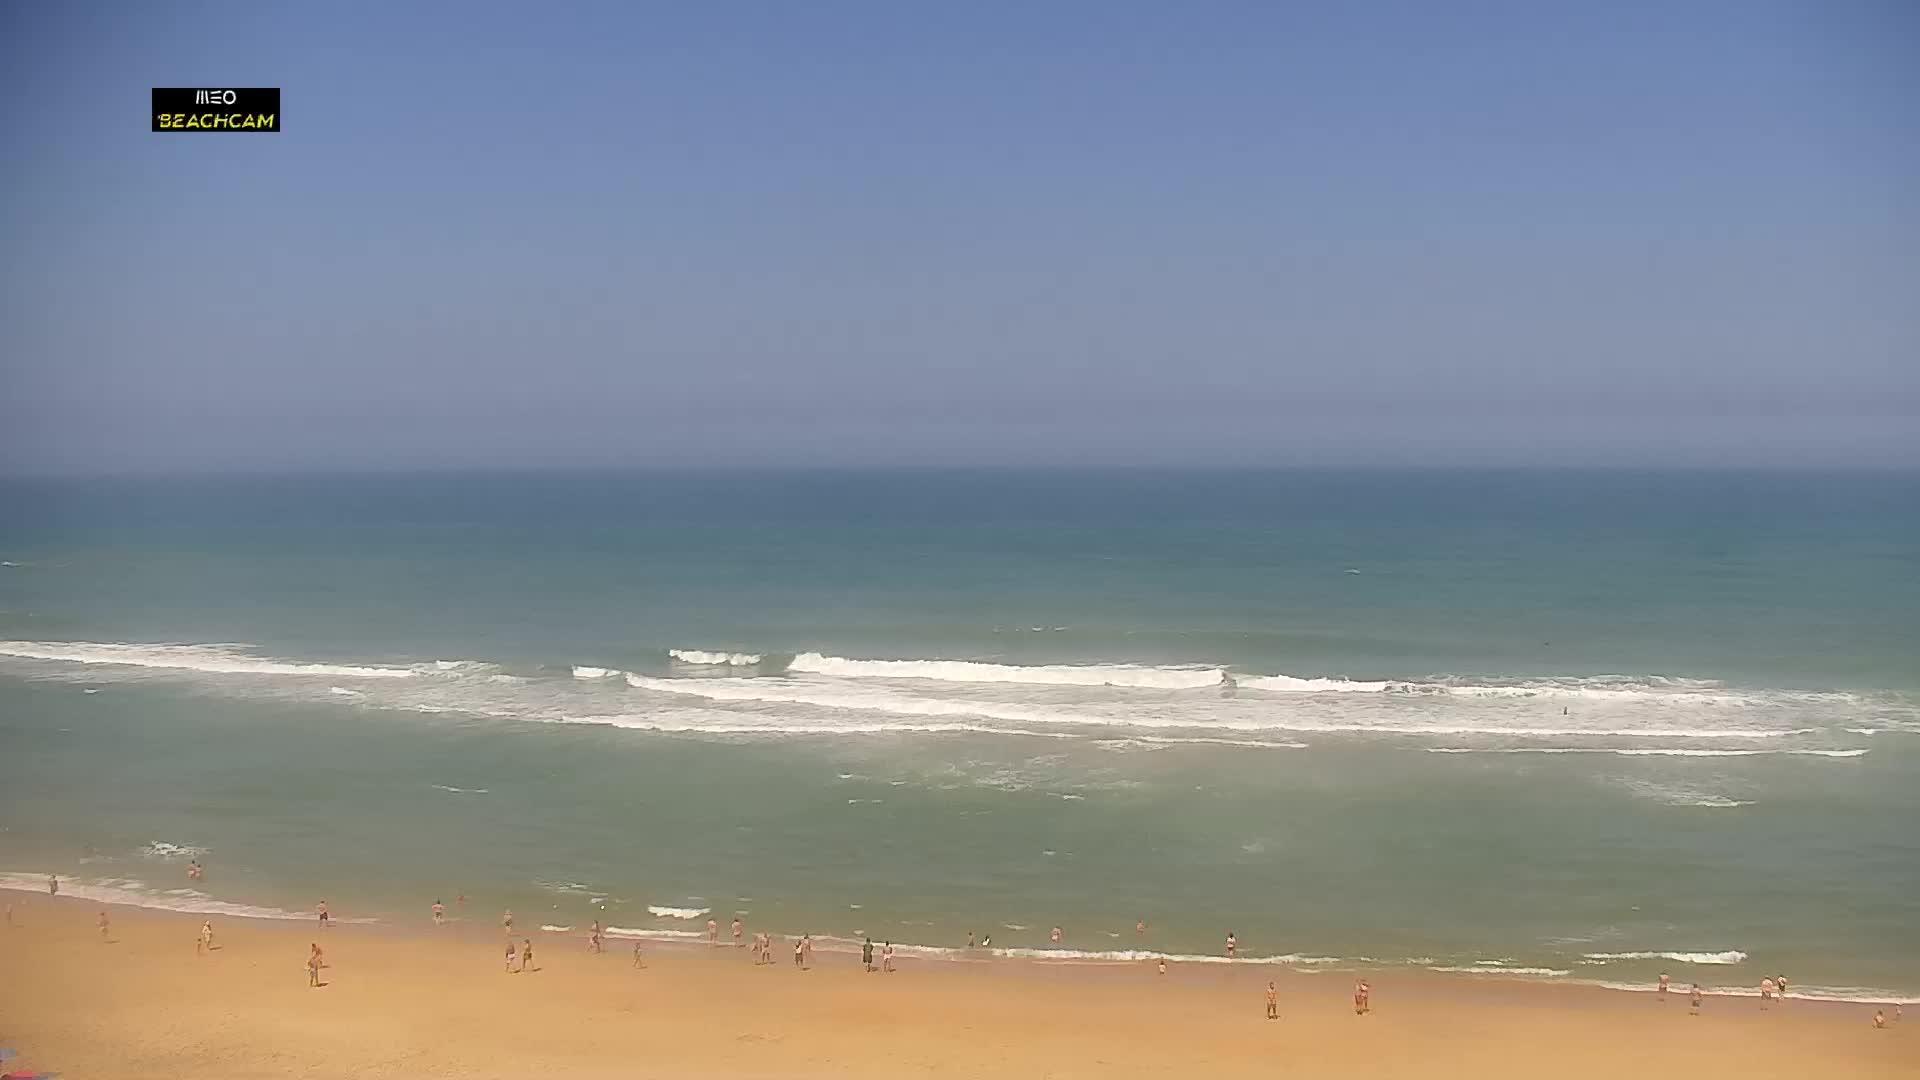 Praia Grande Di. 11:53